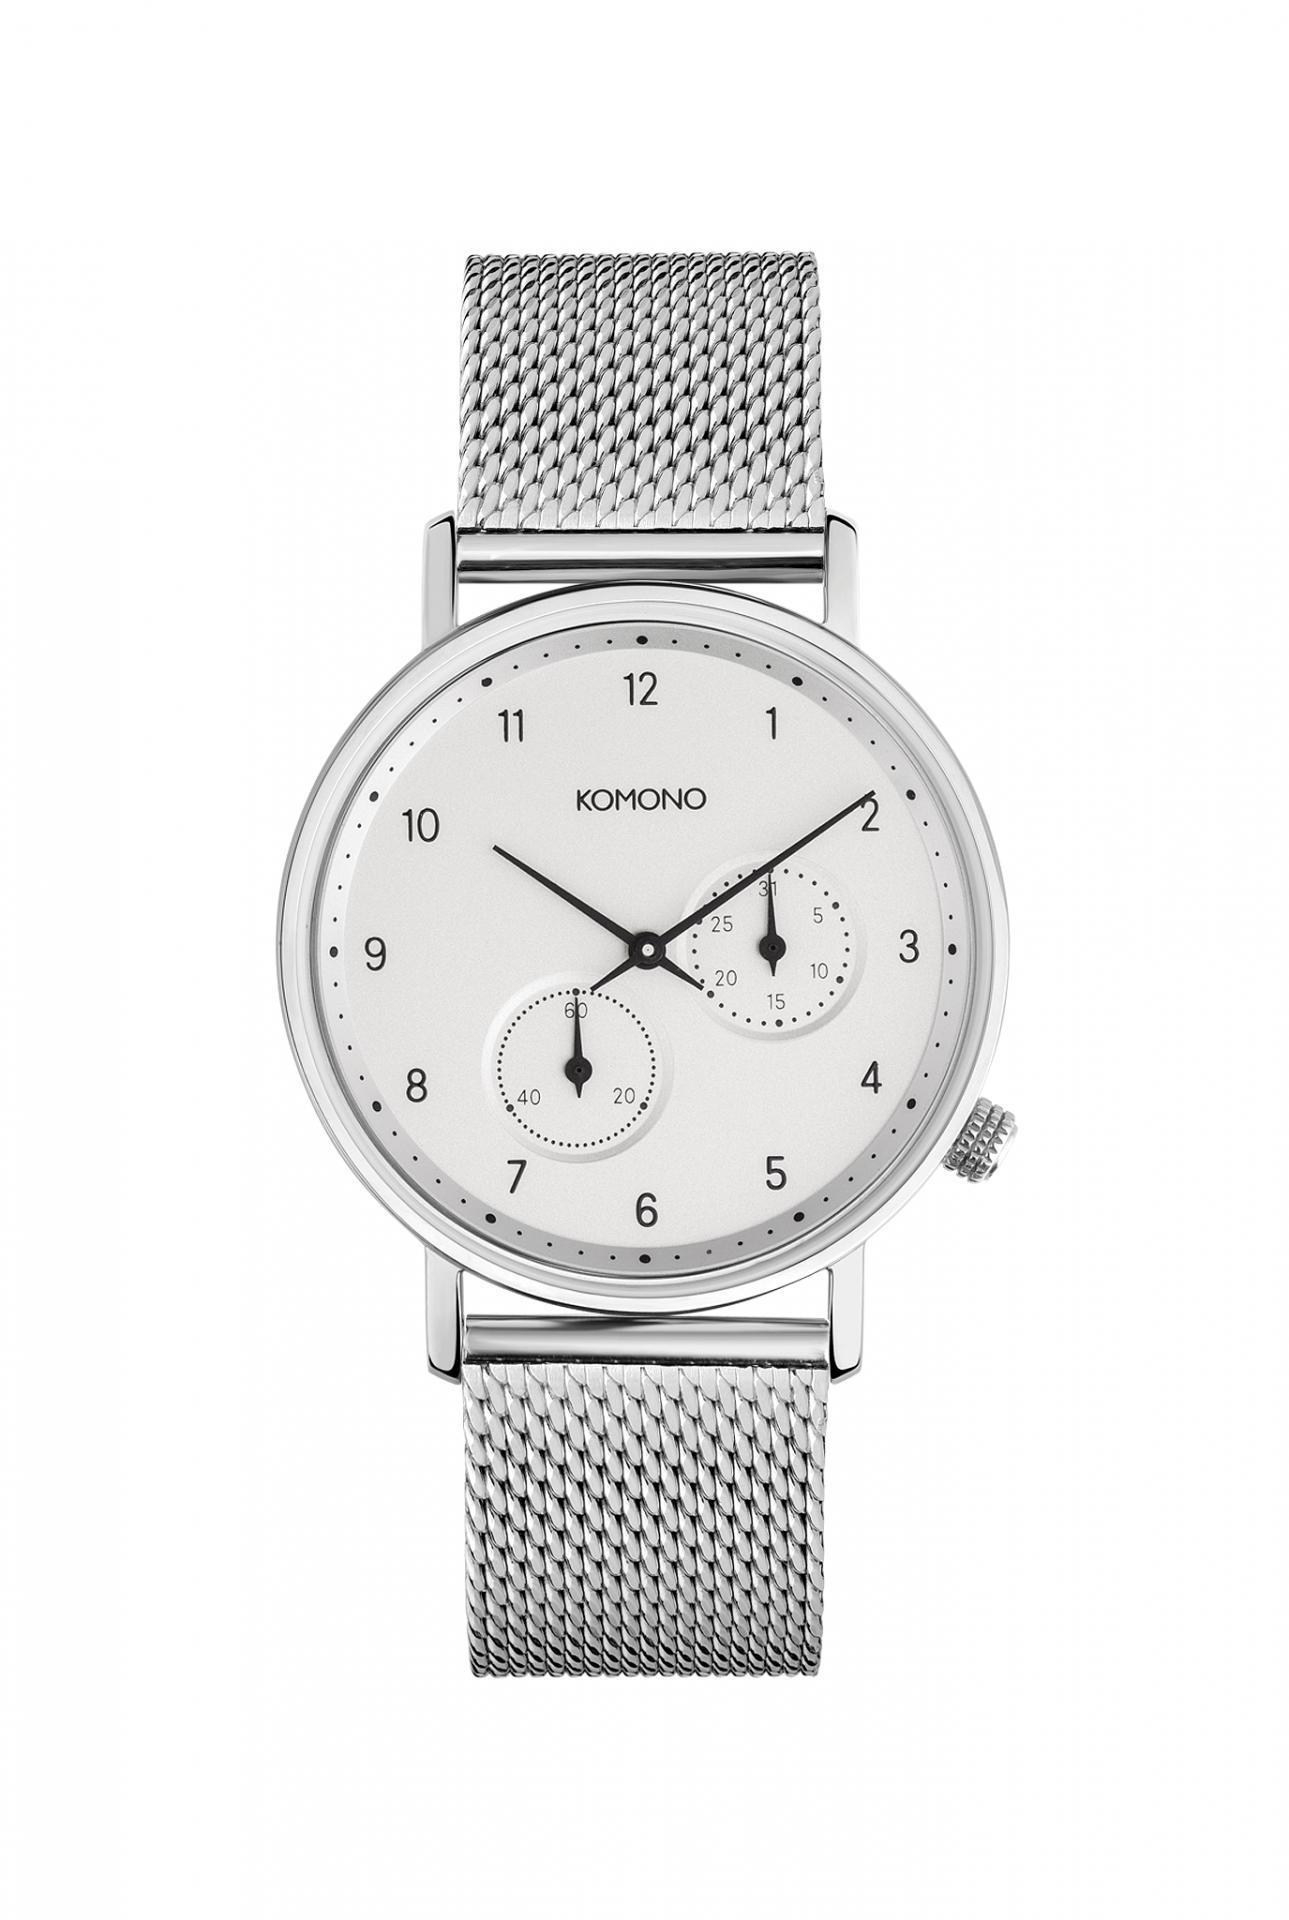 Komono Unisex hodinky Komono Walther Silver Mesh, stříbrná barva, kov